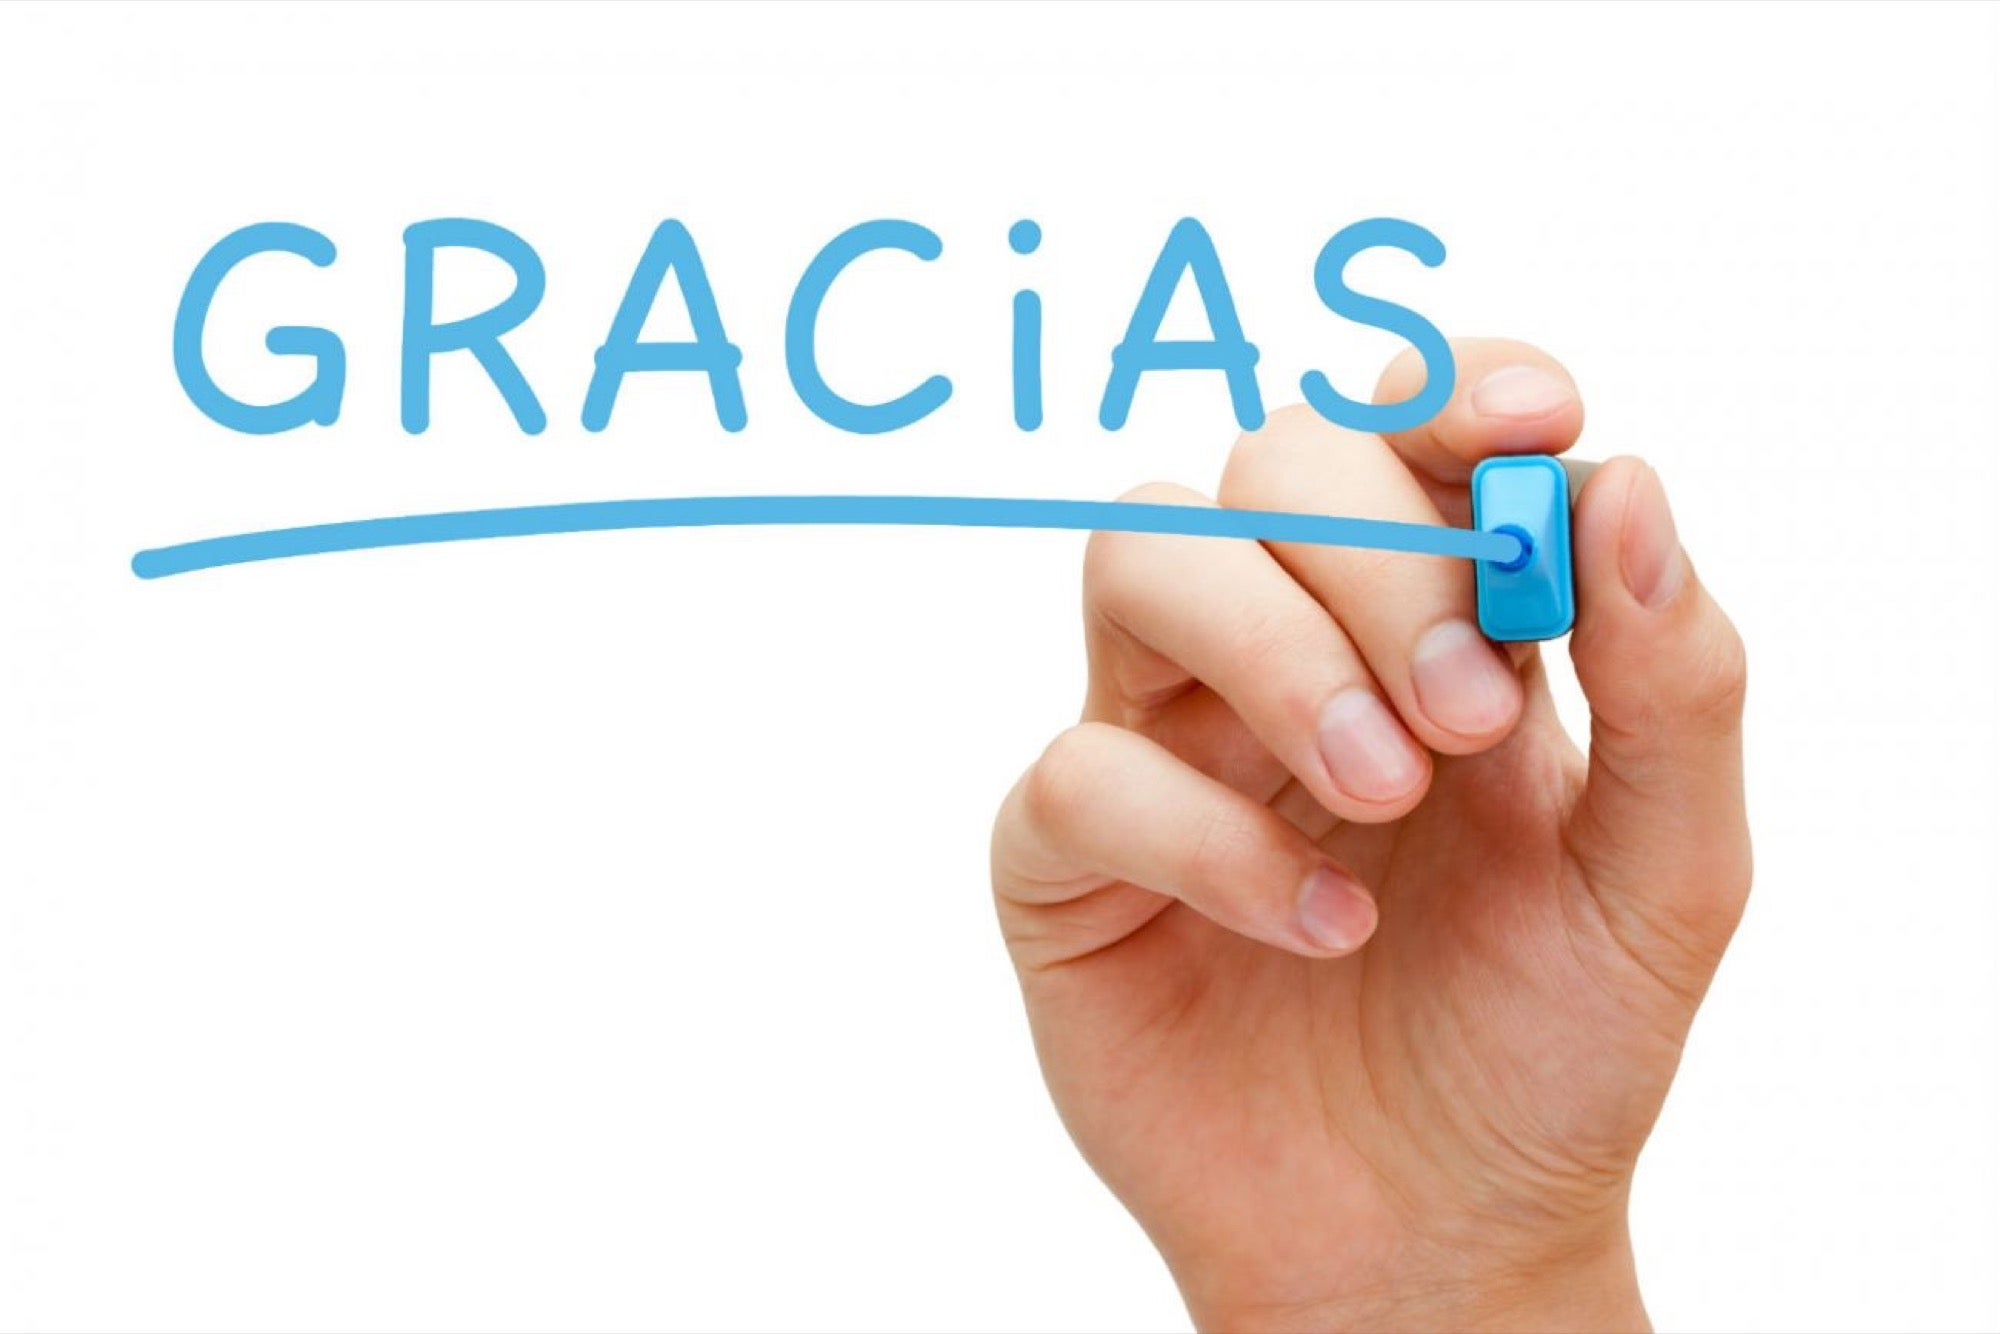 Agradecimiento frases a demas los por de ayudar